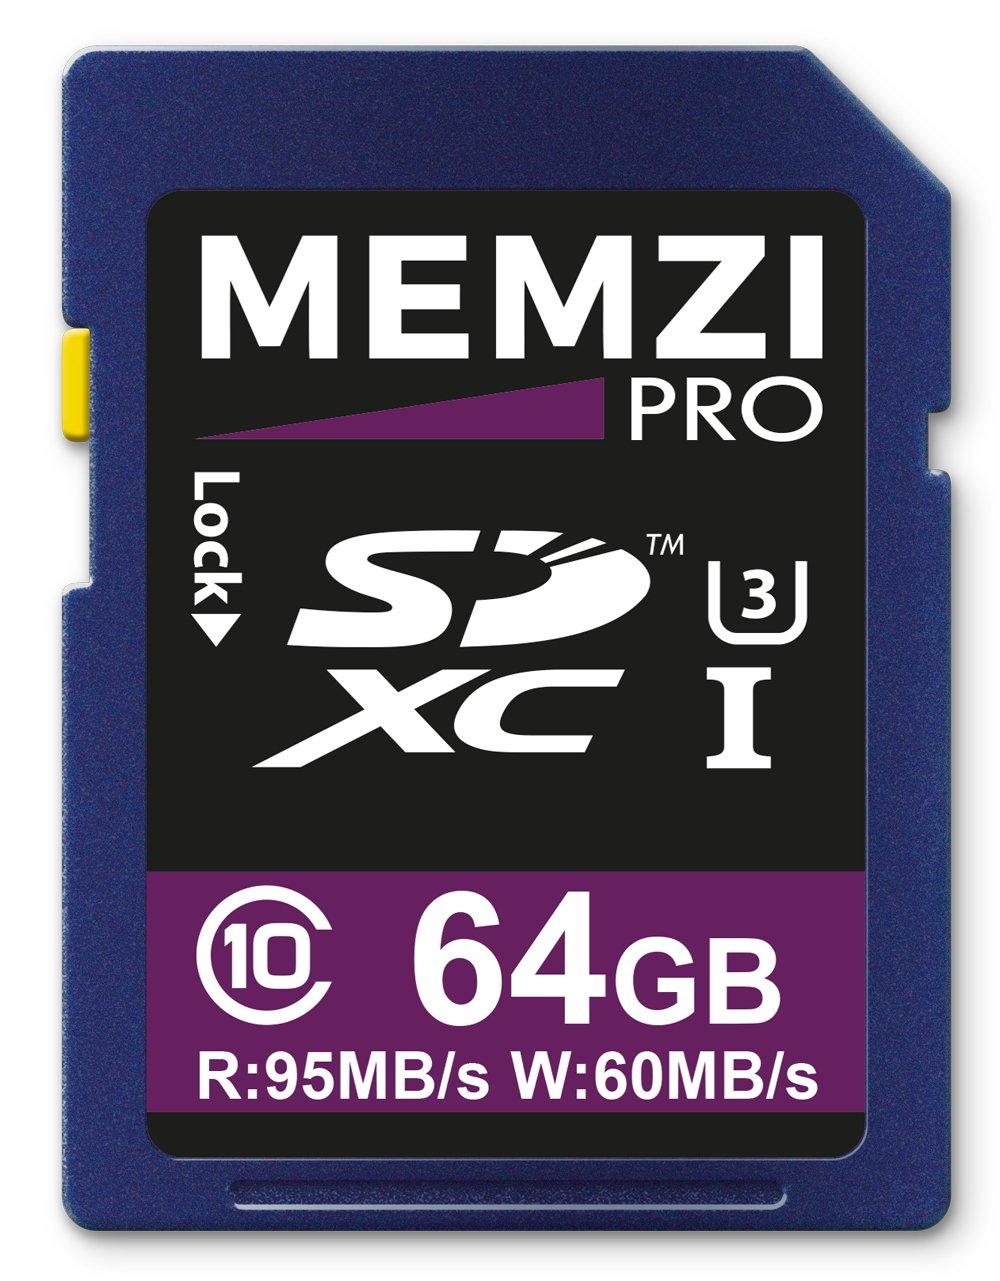 Memzi Pro 64GB SDXC memory card per Nikon Coolpix B700, B500, W300, w100Digital–ad alta velocità classe 10UHS-I U395Mb/s read 60MB/s Write 4K 2K 3D Full HD registrazione